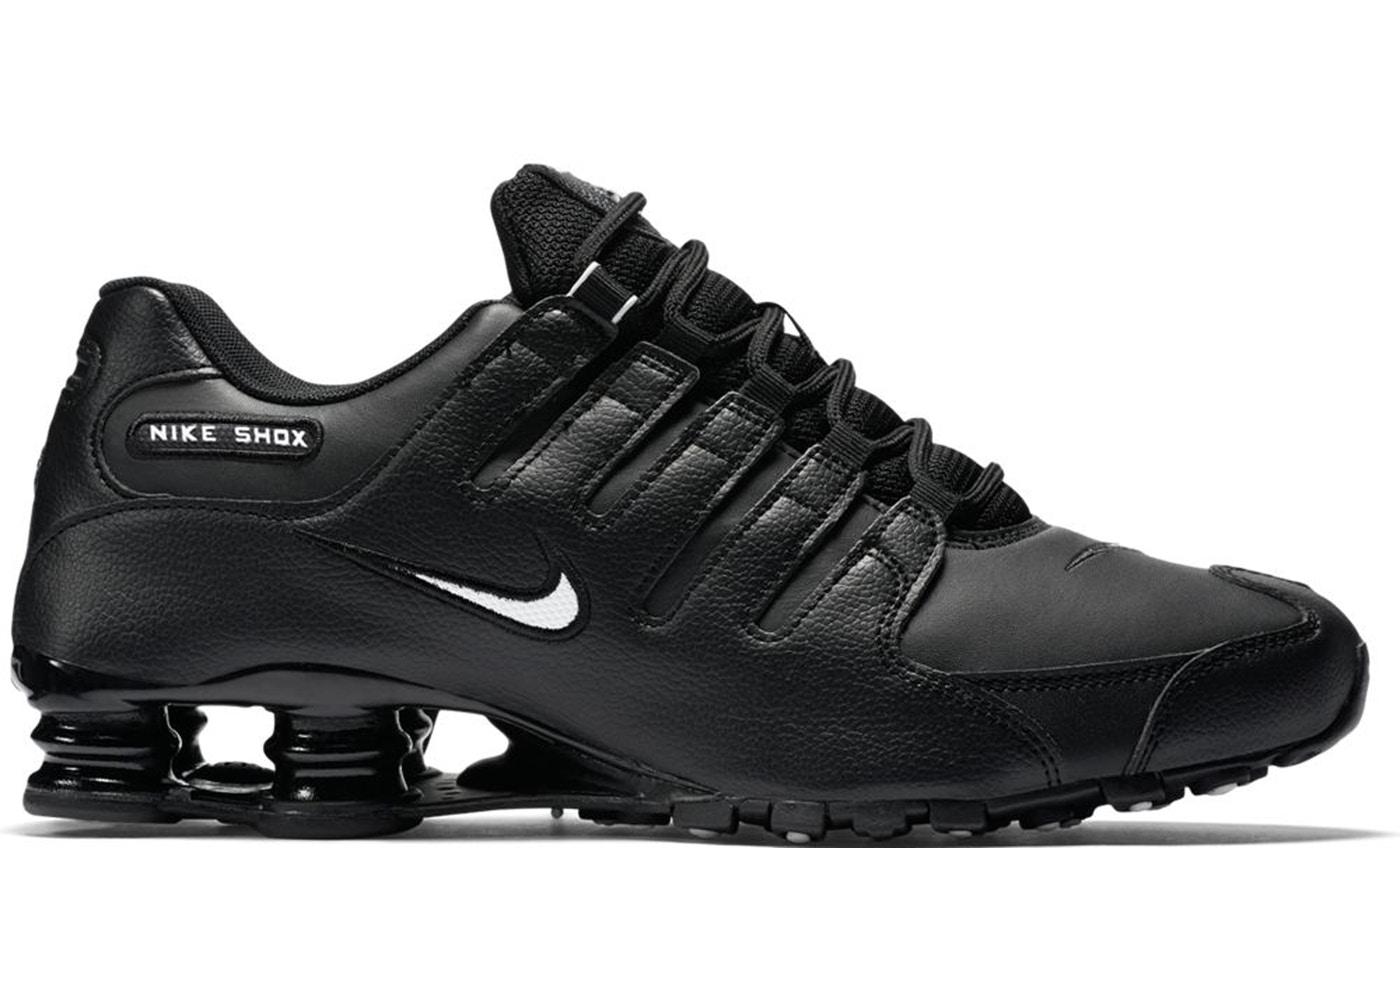 Nike Men's Shox NZ Running Shoe | eBay